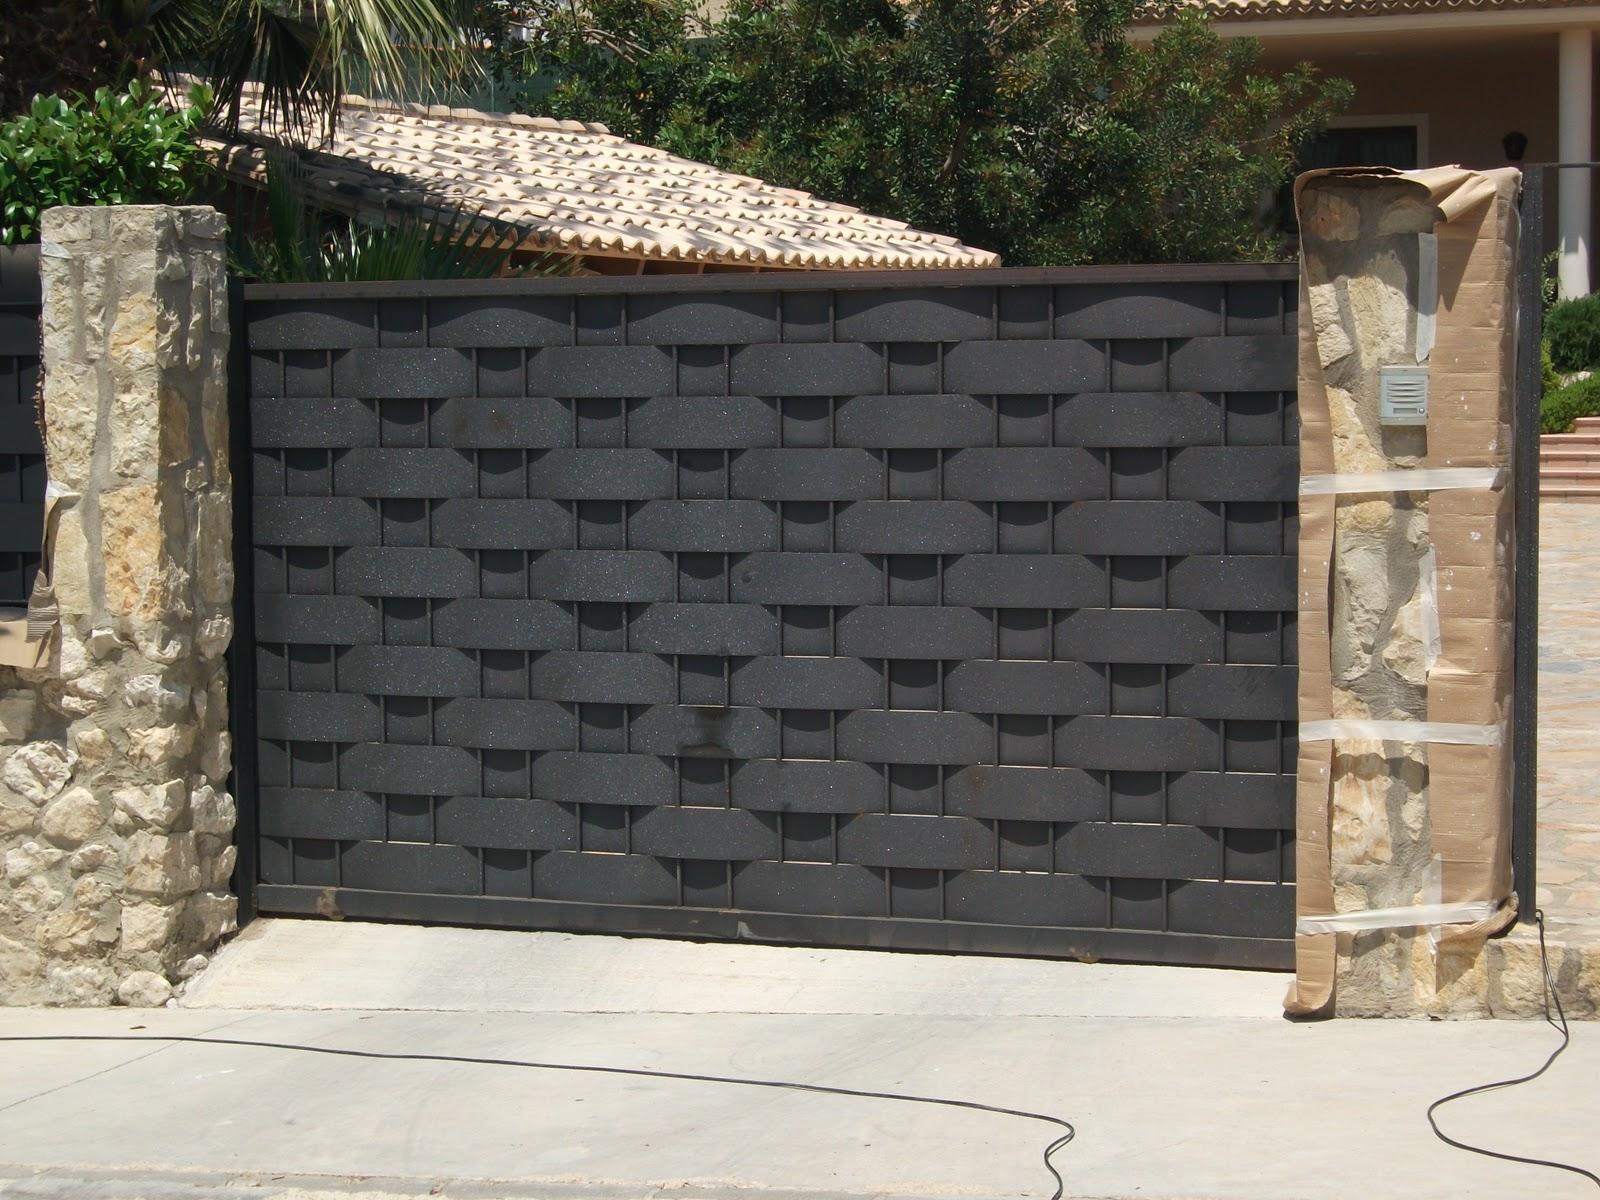 Rejas metalicas con madera - Puertas metalicas jardin ...